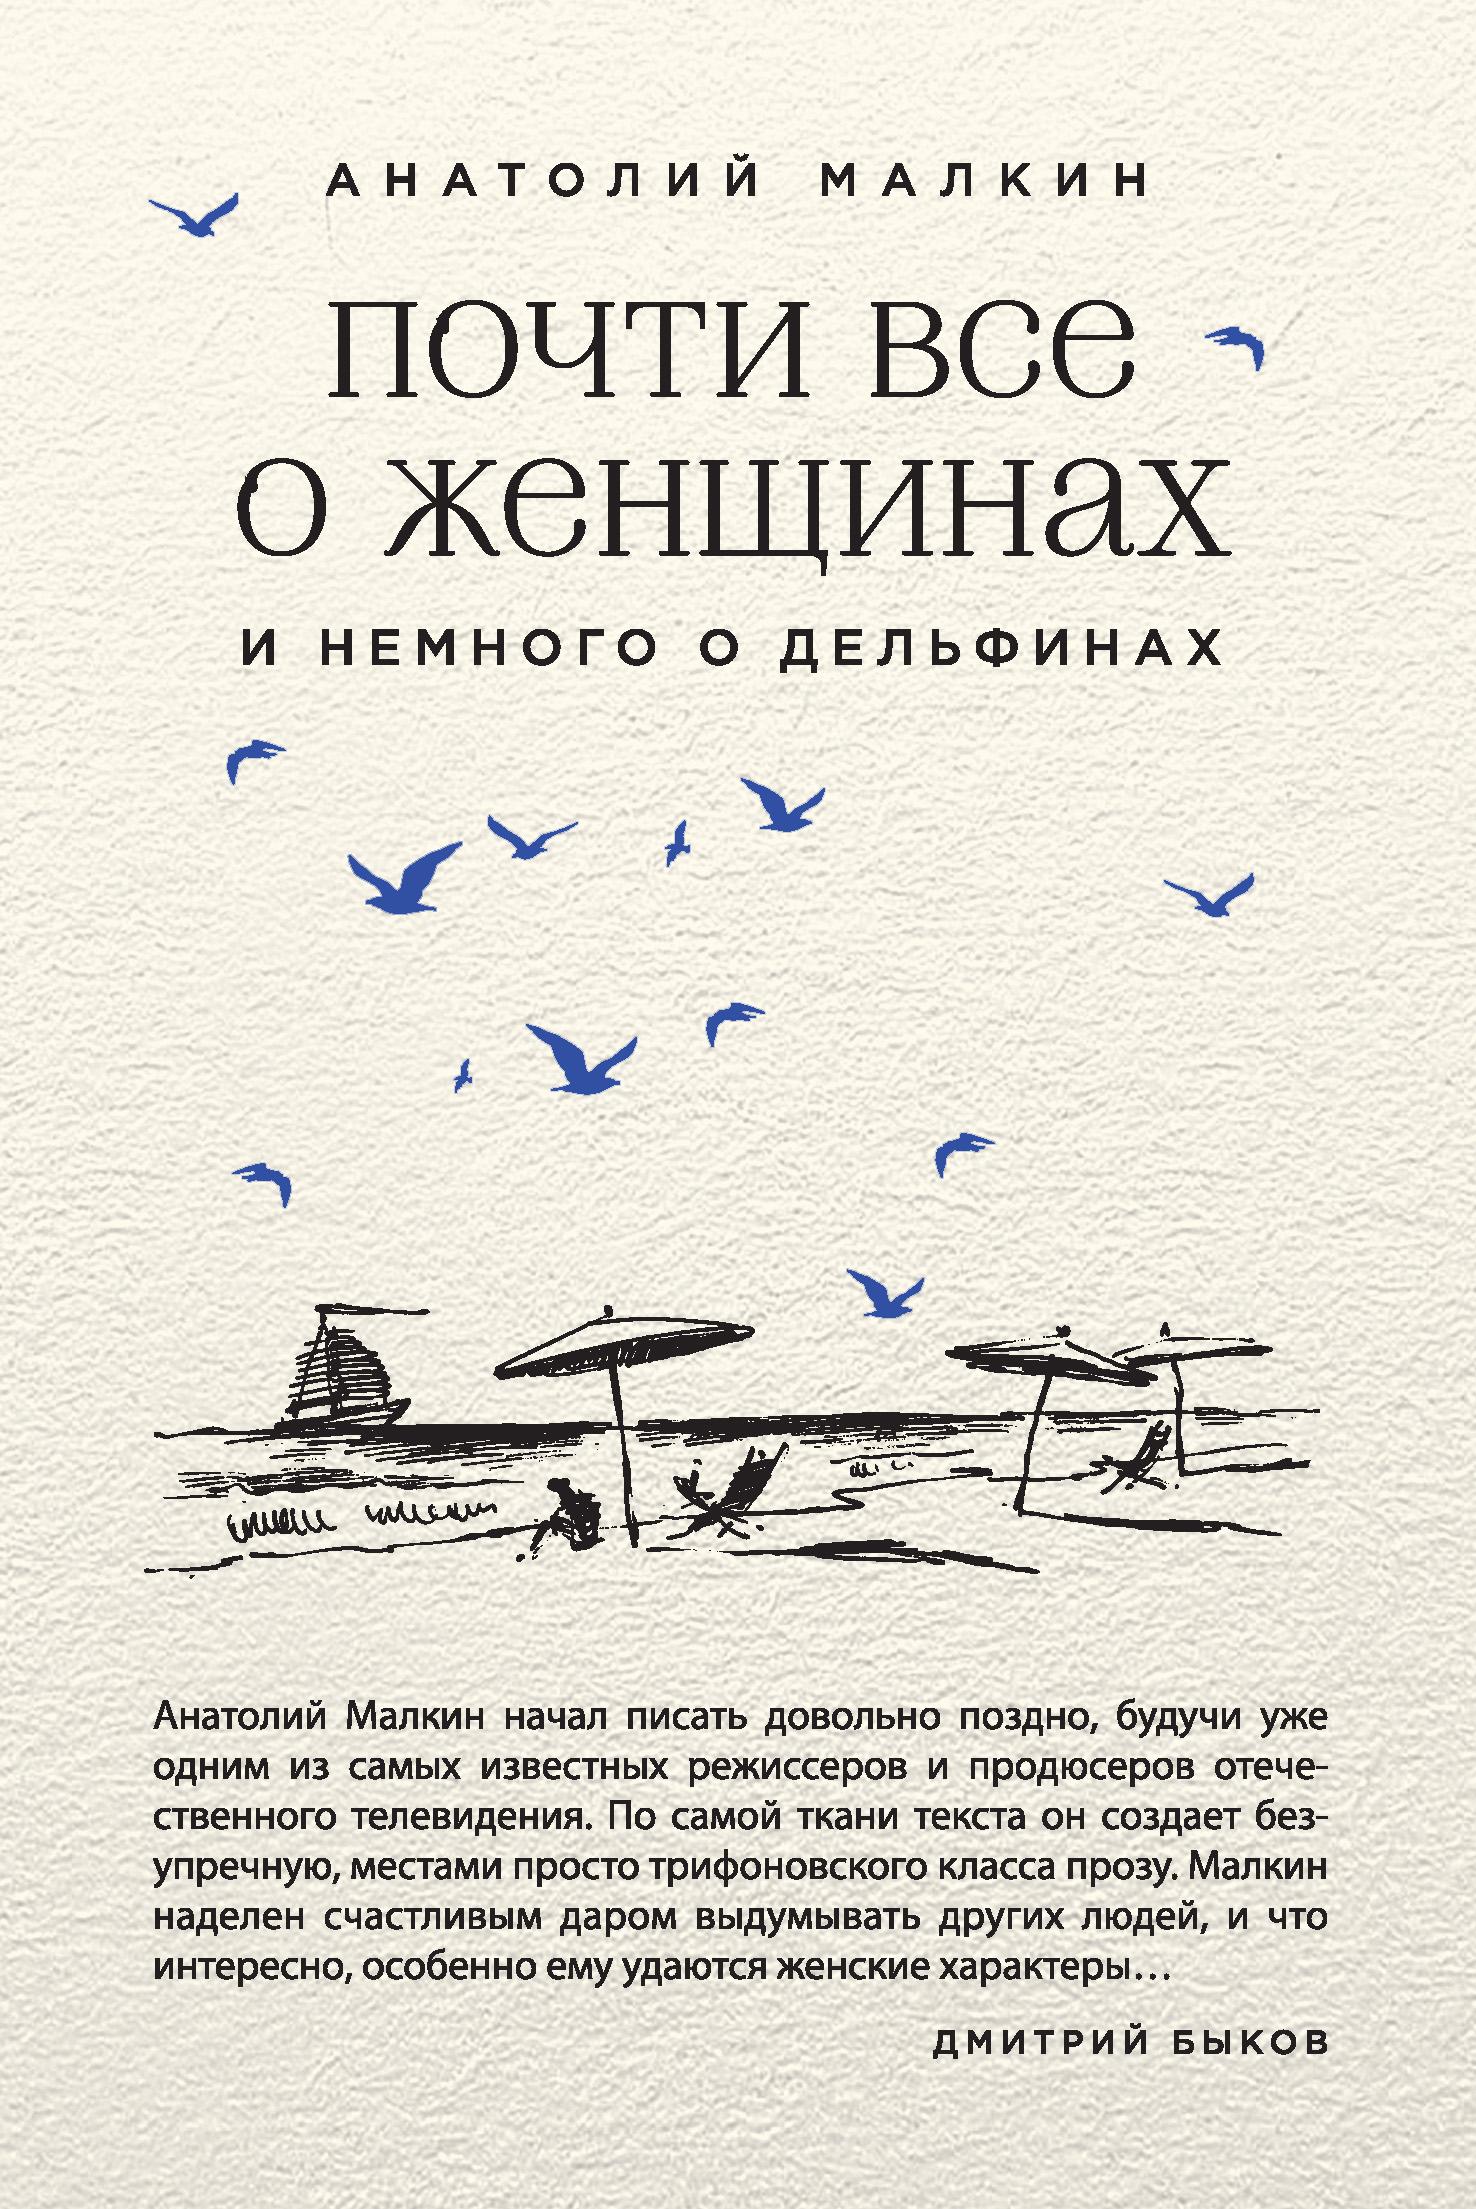 Анатолий Малкин Почти все о женщинах и немного о дельфинах (сборник) анатолий малкин почти все о женщинах и немного о дельфинах сборник